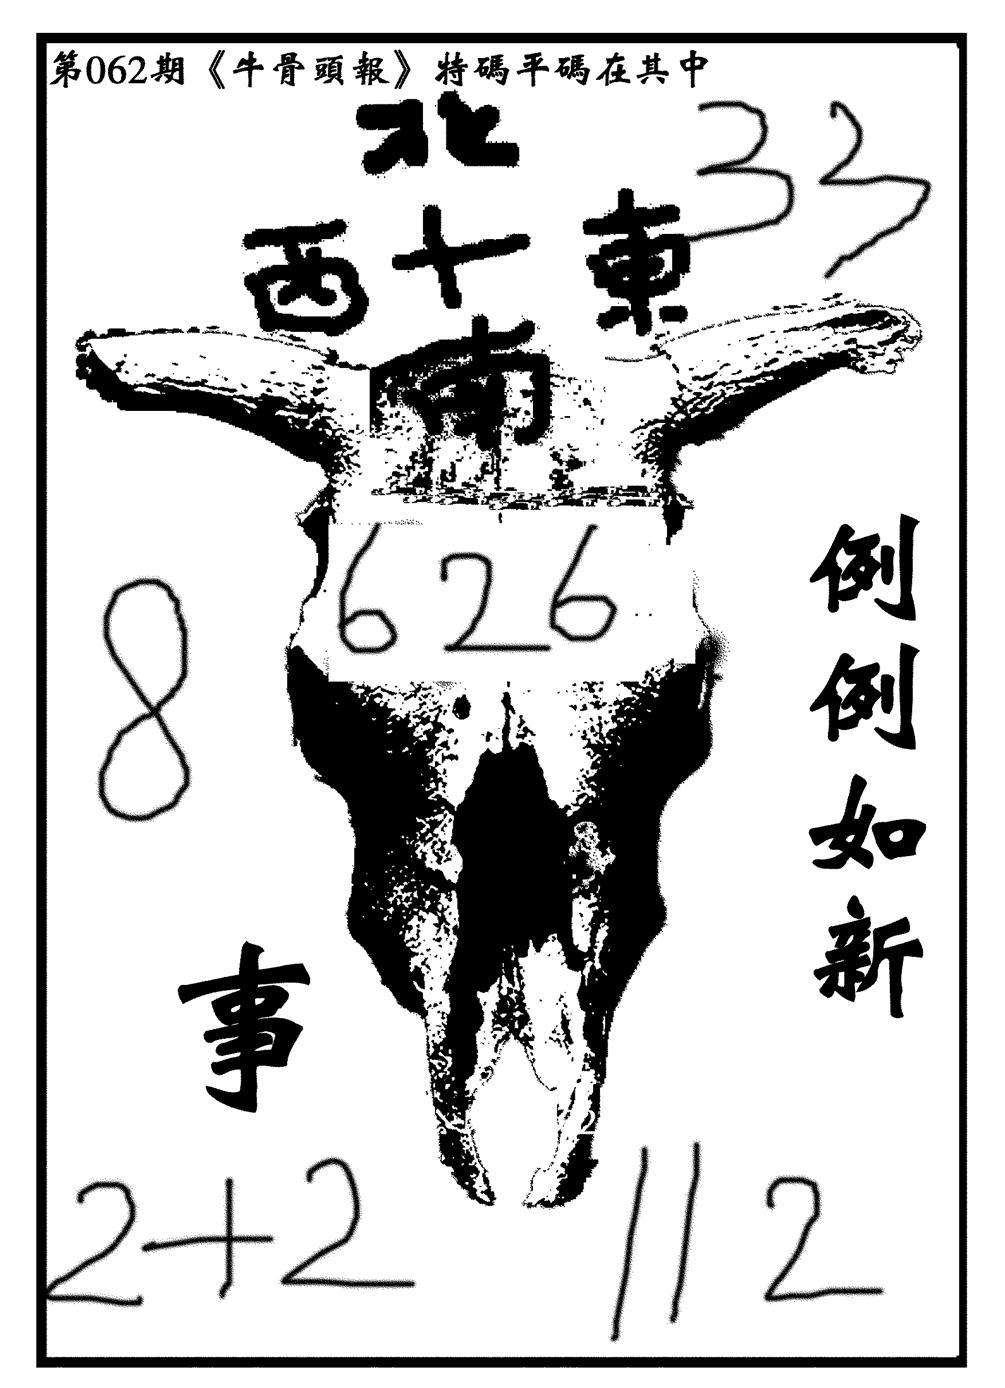 062期牛头报(黑白)